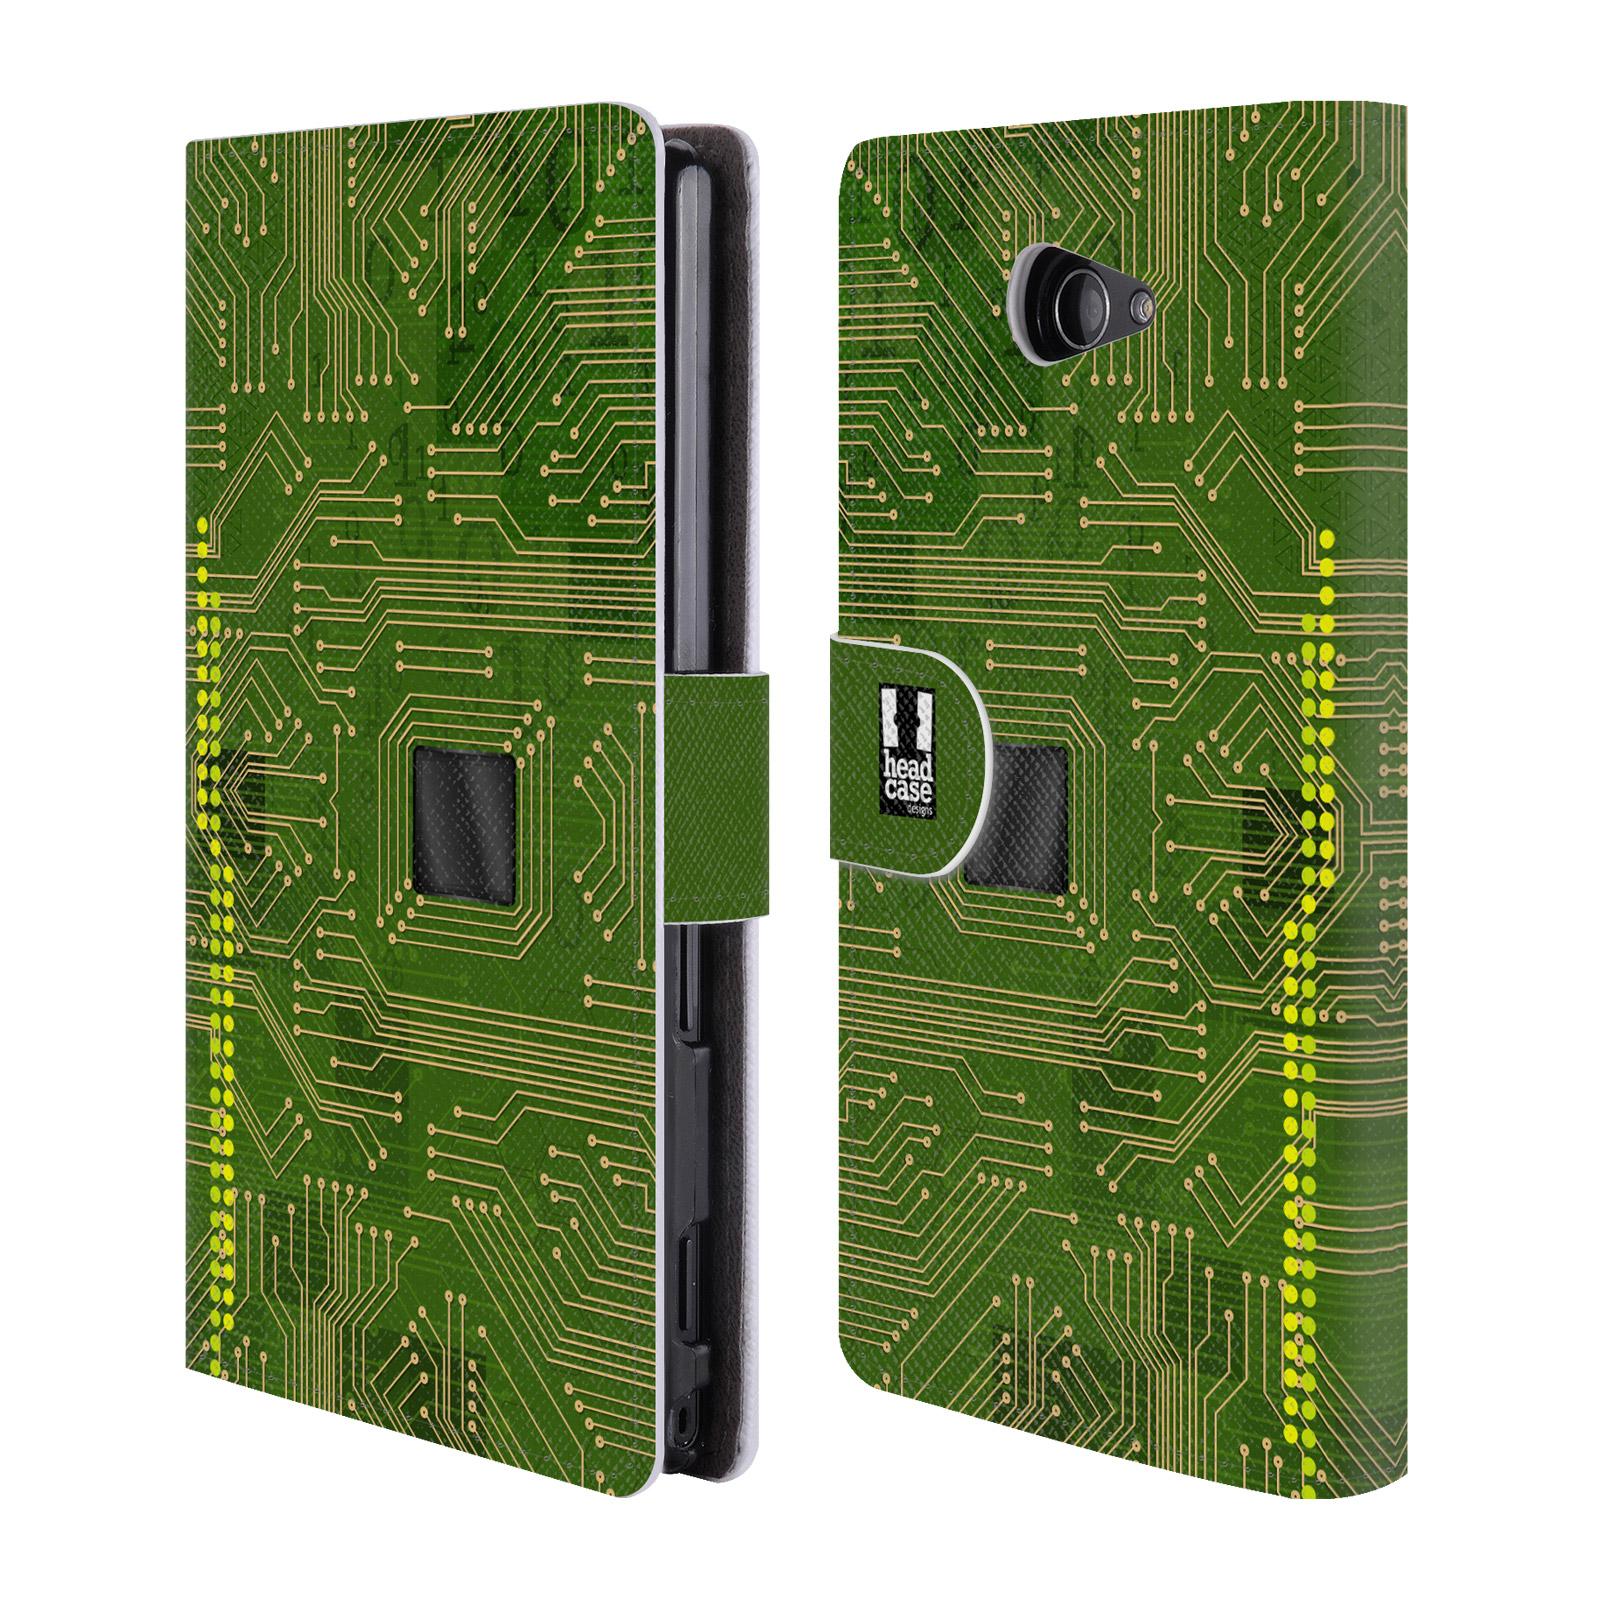 HEAD CASE Flipové pouzdro pro mobil SONY XPERIA M2 počítač základní deska zelená barva